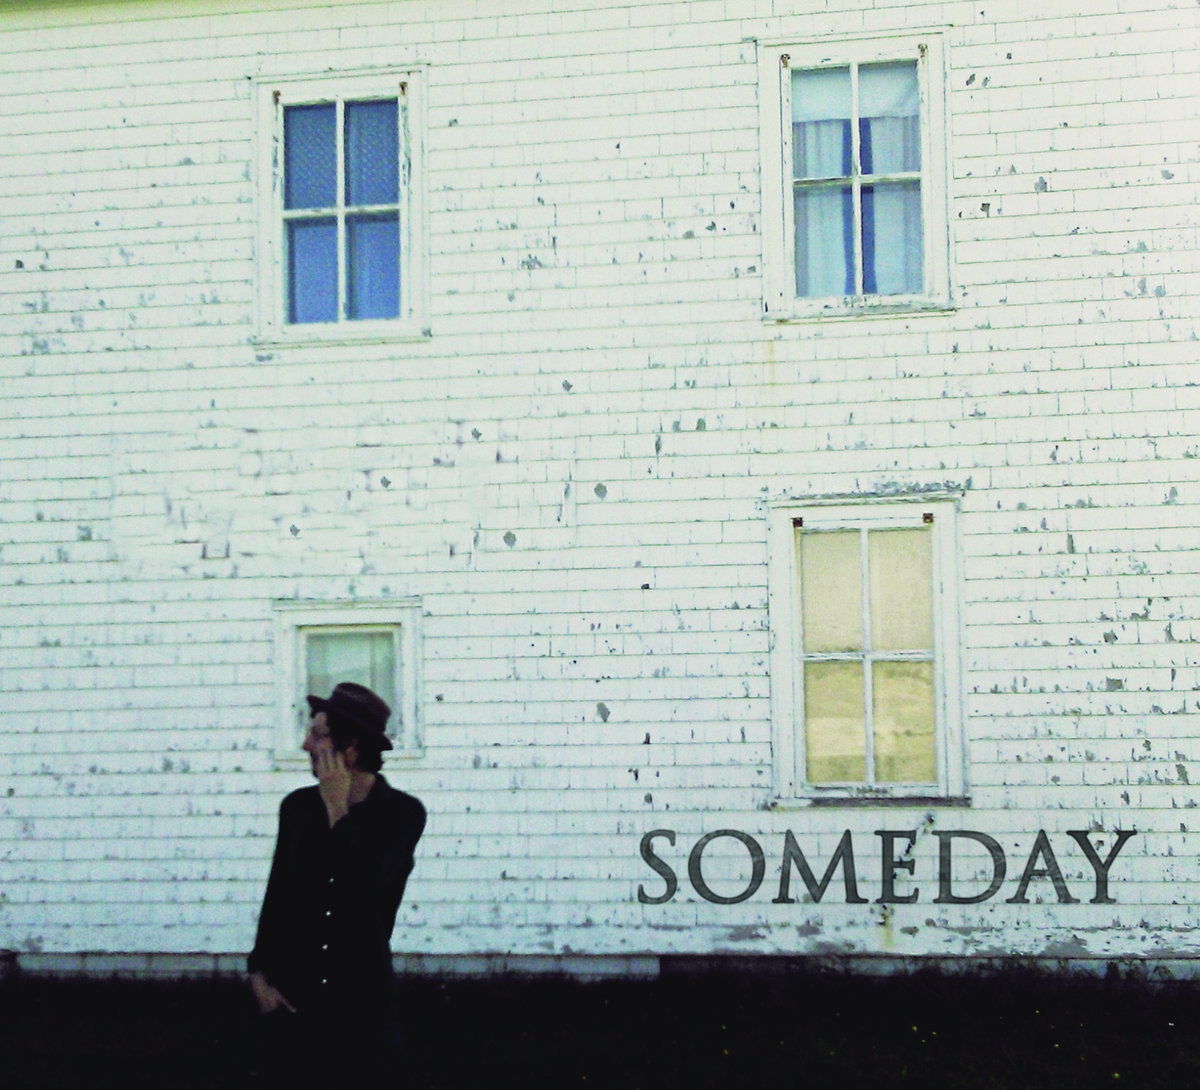 Someday - Roch Albert